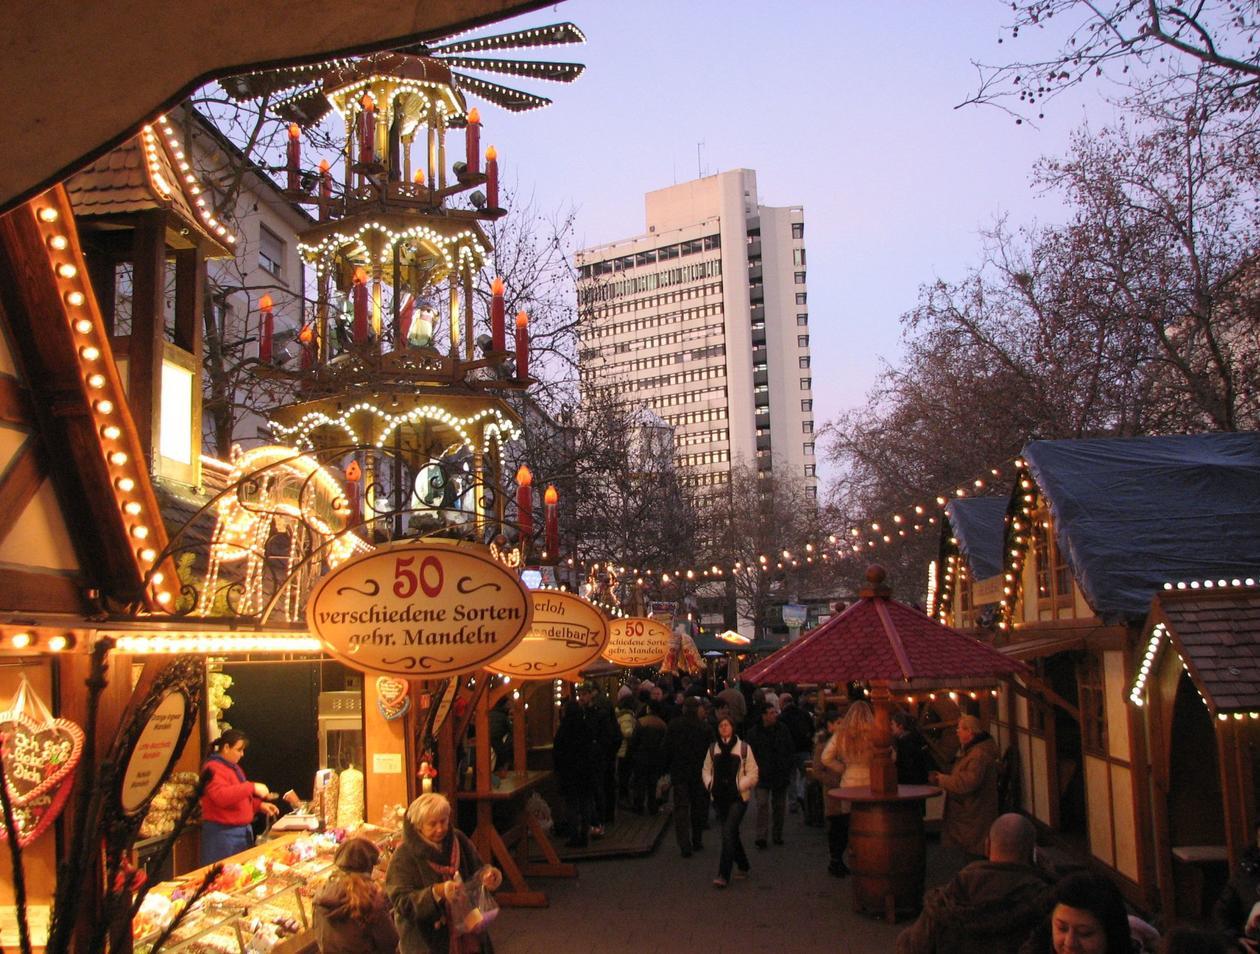 Offenbach Weihnachtsmarkt.Weihnachtsmarkt In Offenbach 2013 In Bildern Offenbach